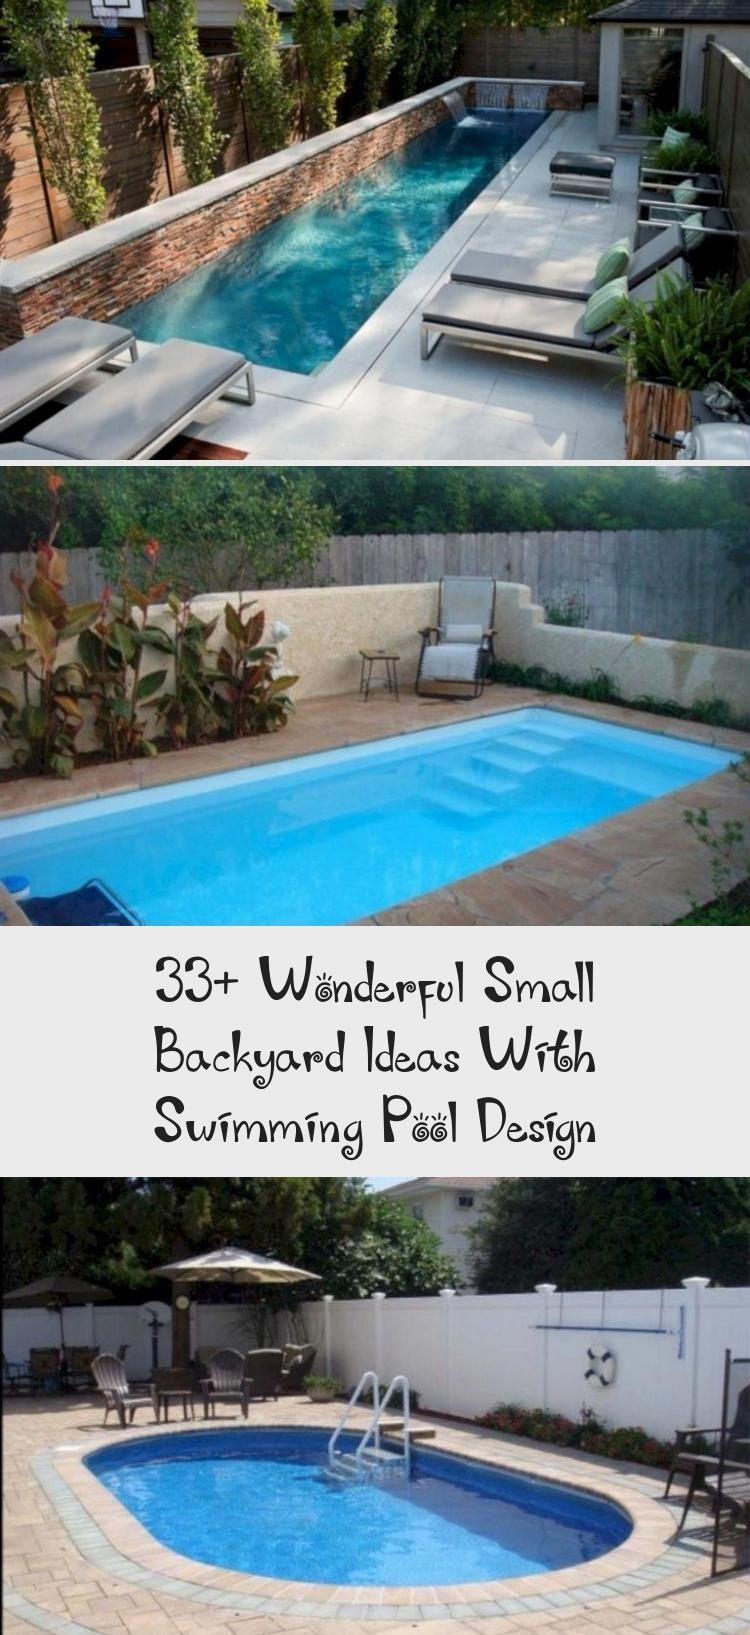 33 Wonderful Small Backyard Ideas With Swimming Pool Design Home Design Backyard Design Home Ideas Small Backyard Pool Landscaping Swimming Pool Designs